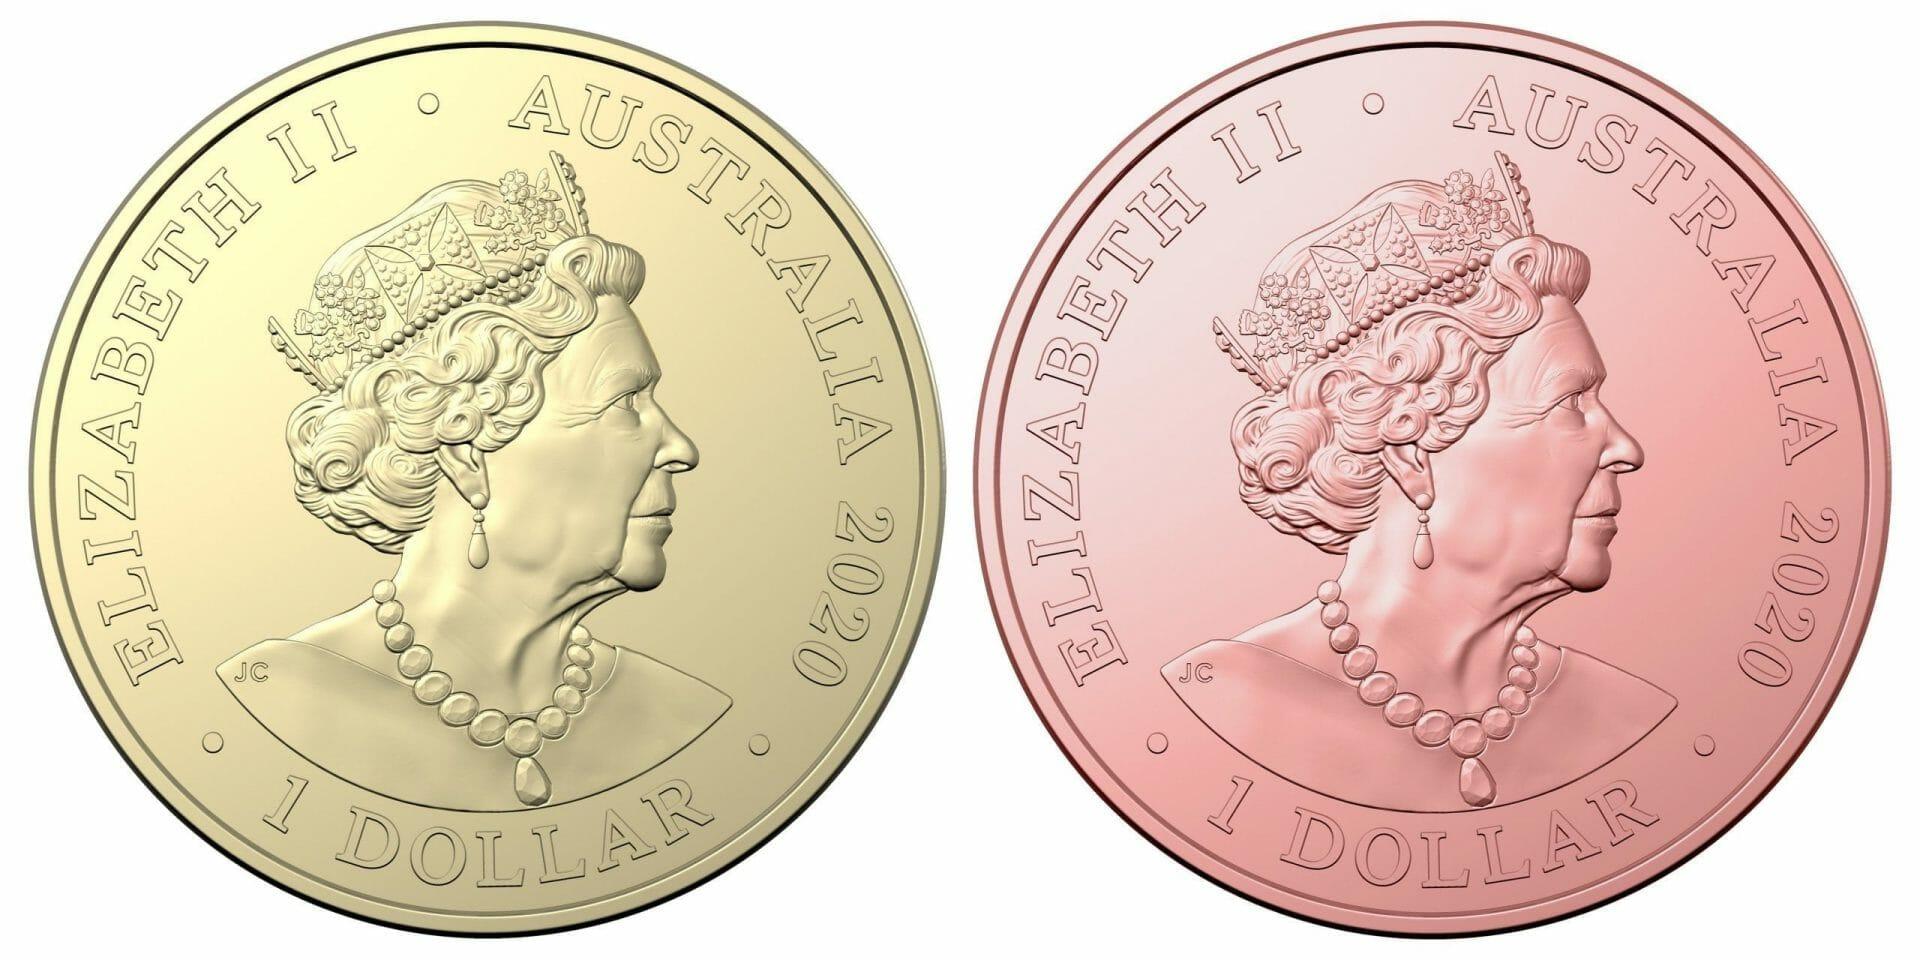 2020 Qantas Centenary 11 $1 Coloured Coin Uncirculated Set 8